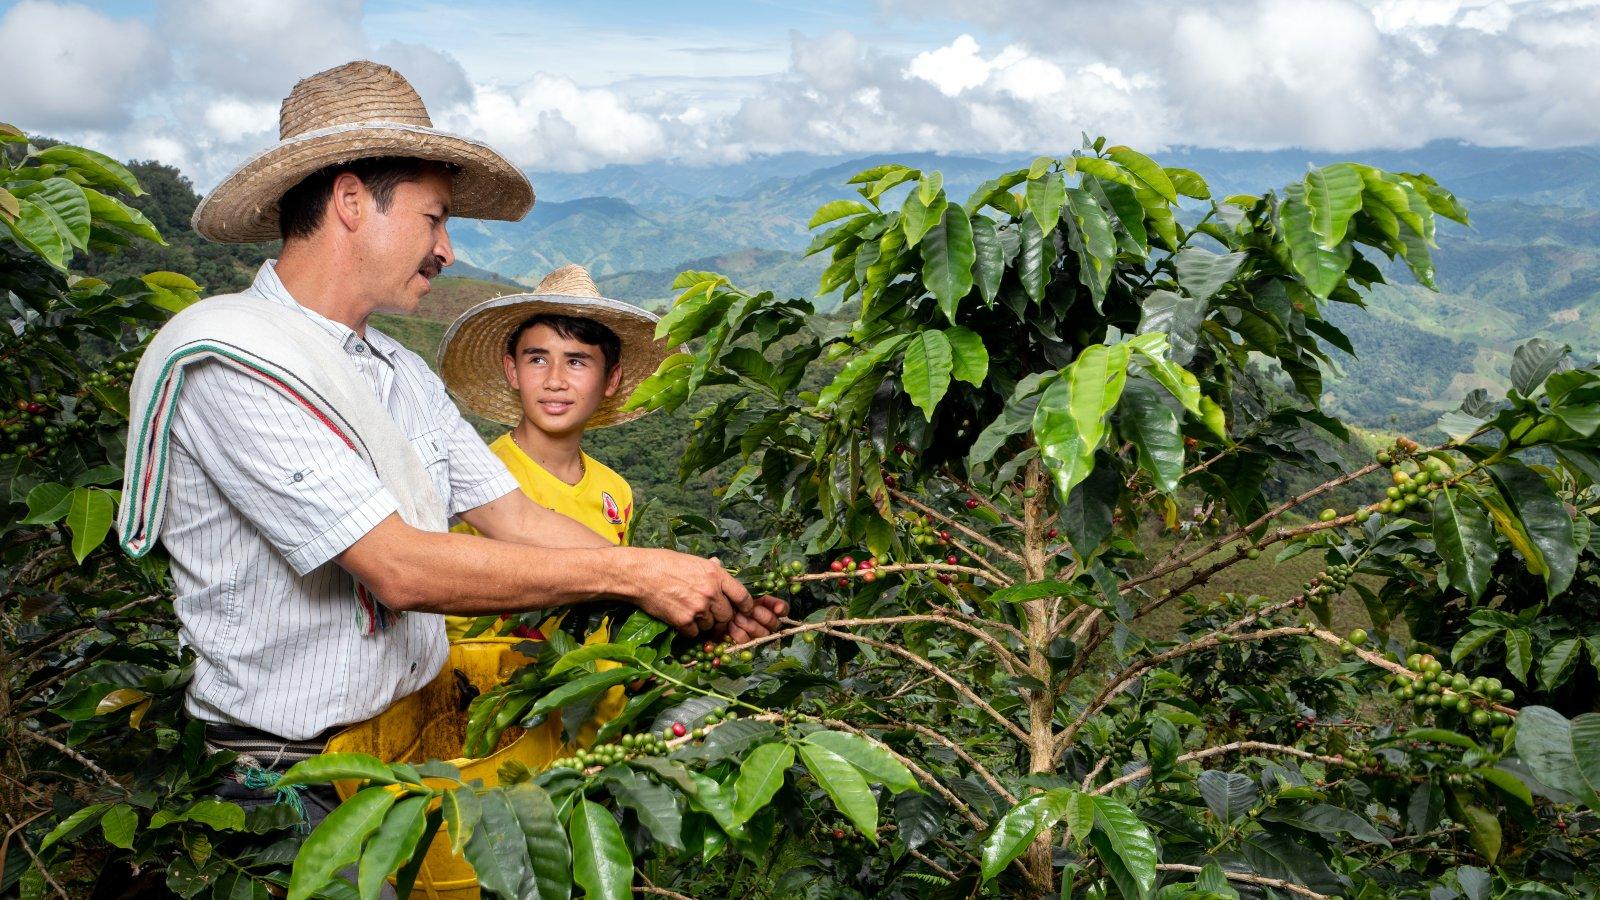 territorio/caqueta/el-caqueta-produce-el-cafe-den